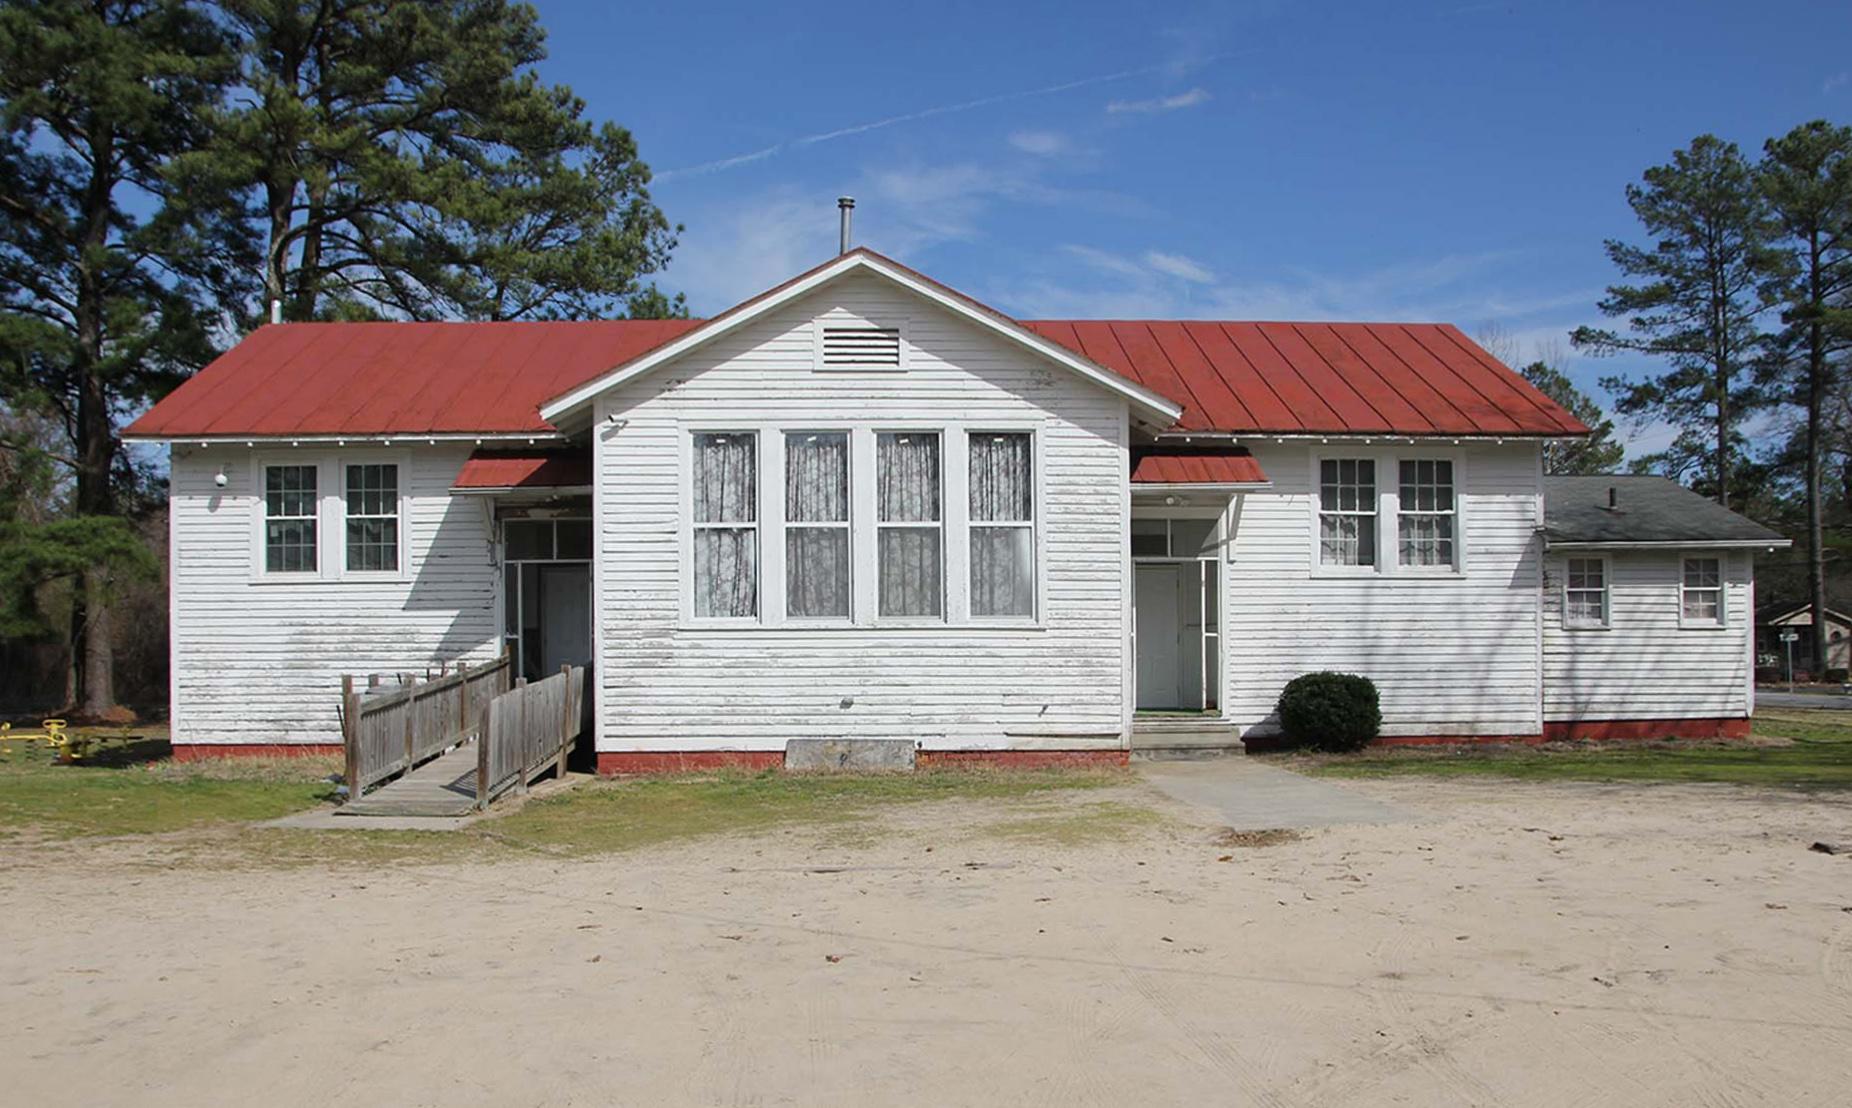 Courtland School